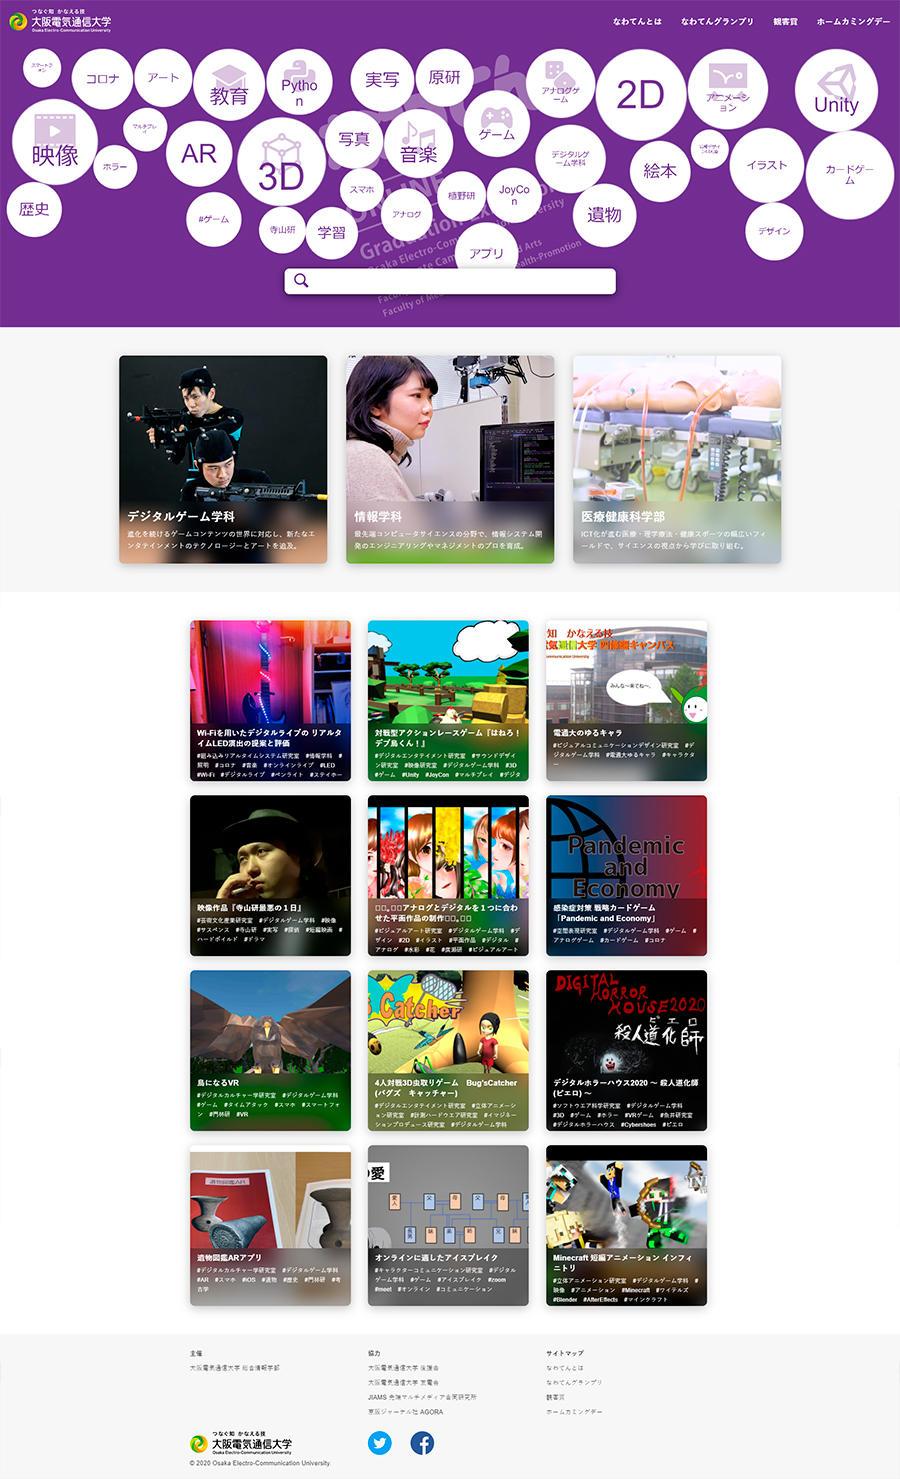 AR・VR作品や3DCGアニメーションなど幅広い作品をオンライン展示 -- 大阪電気通信大学が2020年度 卒業研究・制作展「なわてん」を開催